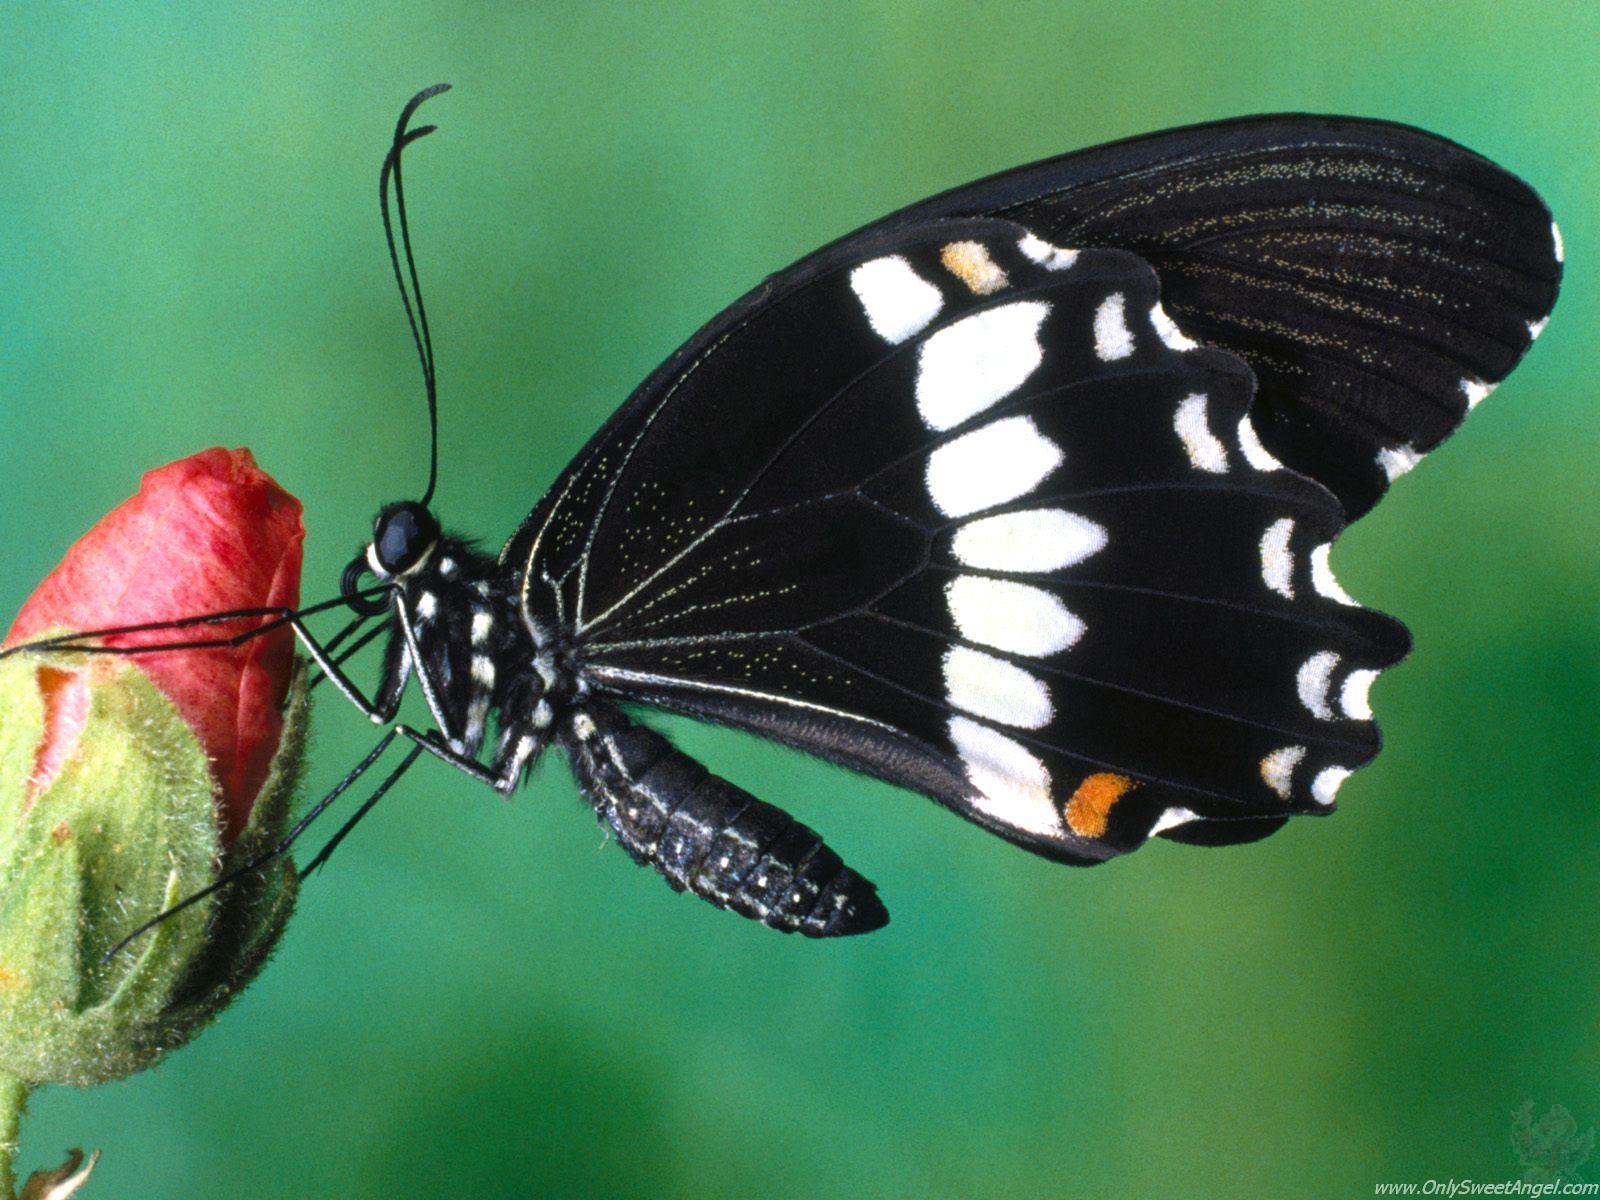 http://2.bp.blogspot.com/-OLTMCJk4BDQ/TX-zLSXjSwI/AAAAAAAAC6k/-Y39UKTLSjQ/s1600/beautiful_butterflies_wallpaper_10.jpg